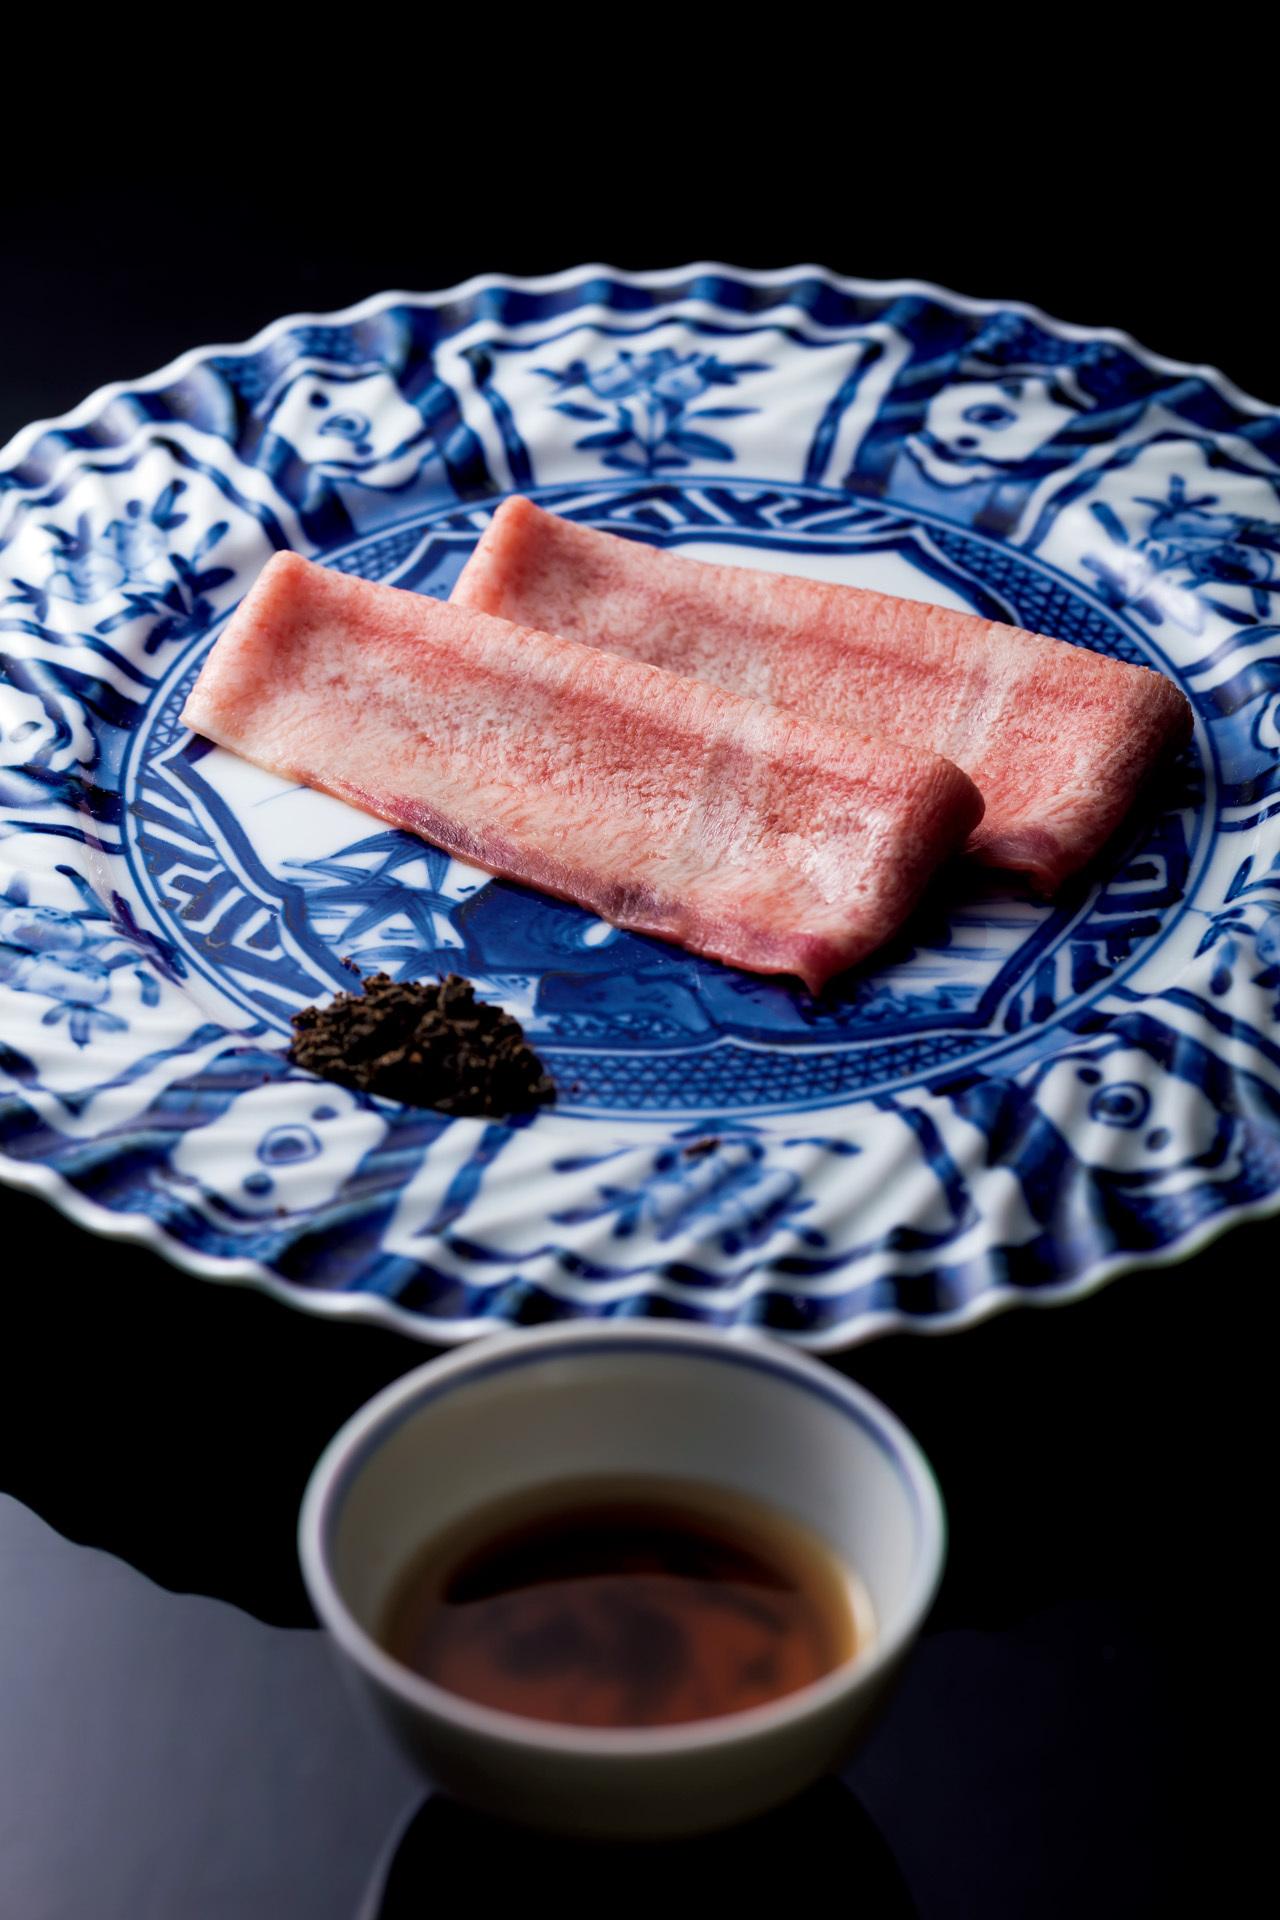 最高鮮度の肉を駆使した創作料理を和の風情とともに にくの匠 三芳_1_2